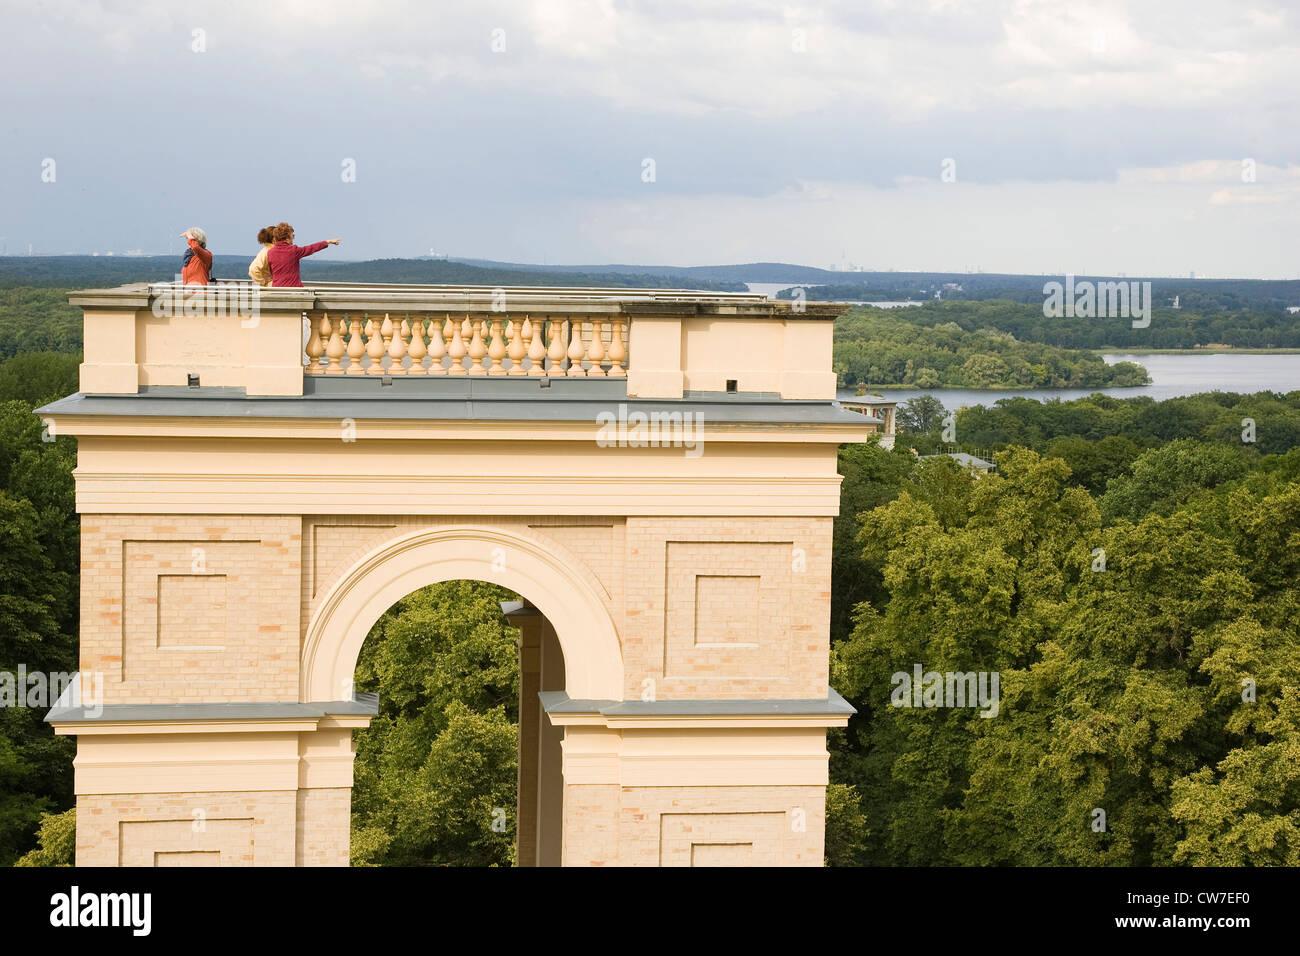 Europa, Deutschland, Brandenburg, Potsdam, Belvedere Auf Dem pfingstberg Stockbild